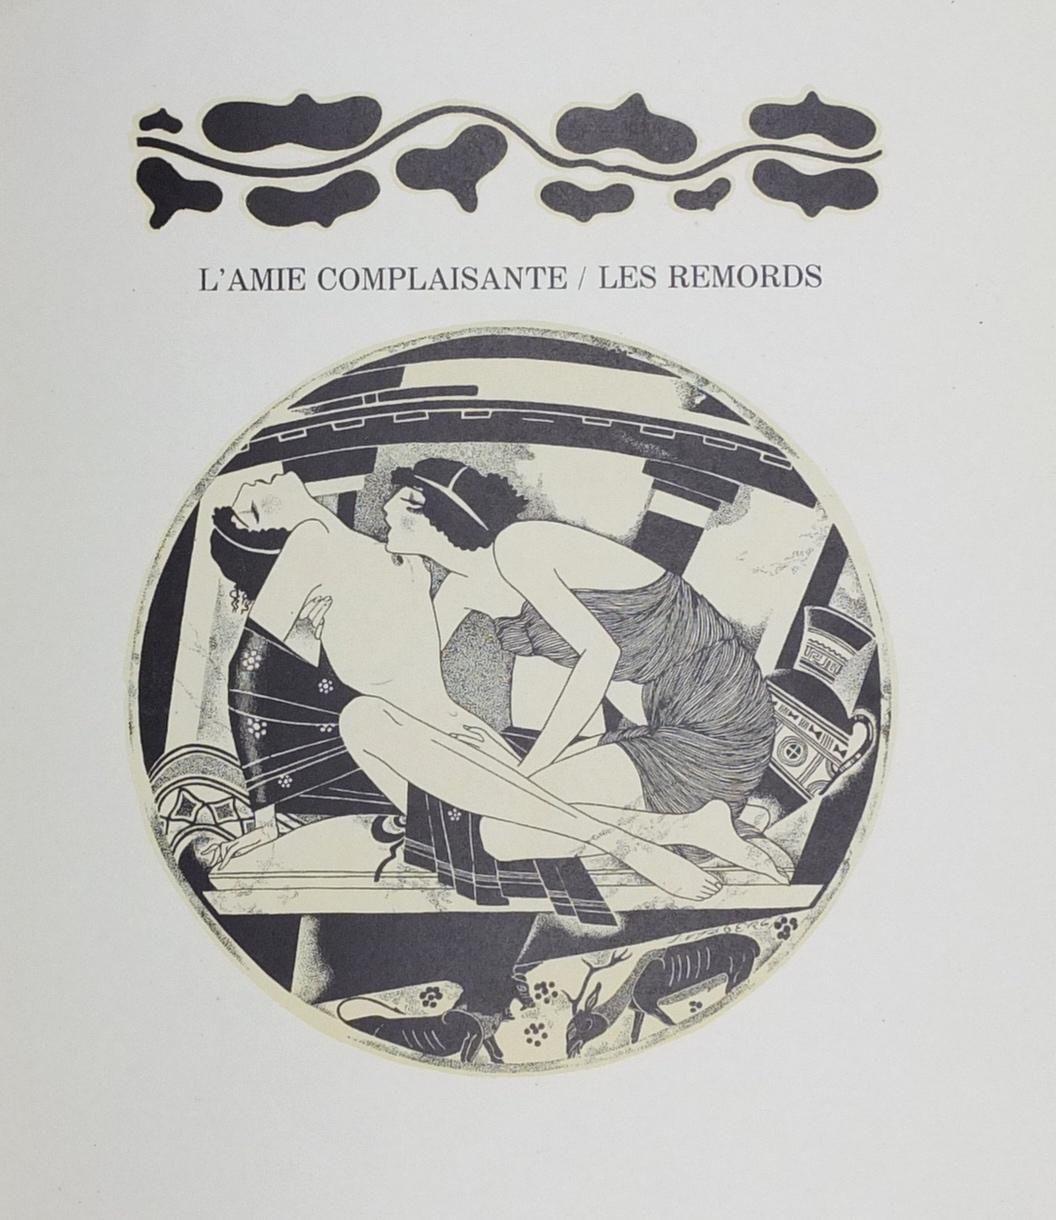 16 Bilitis Dziesmas 16 Les Chansons De Bilitis 16 Songs Of Bilitis Illustrated Album By Pjers Luiss Pierre Louys No Vintage Books Illustration Pierre